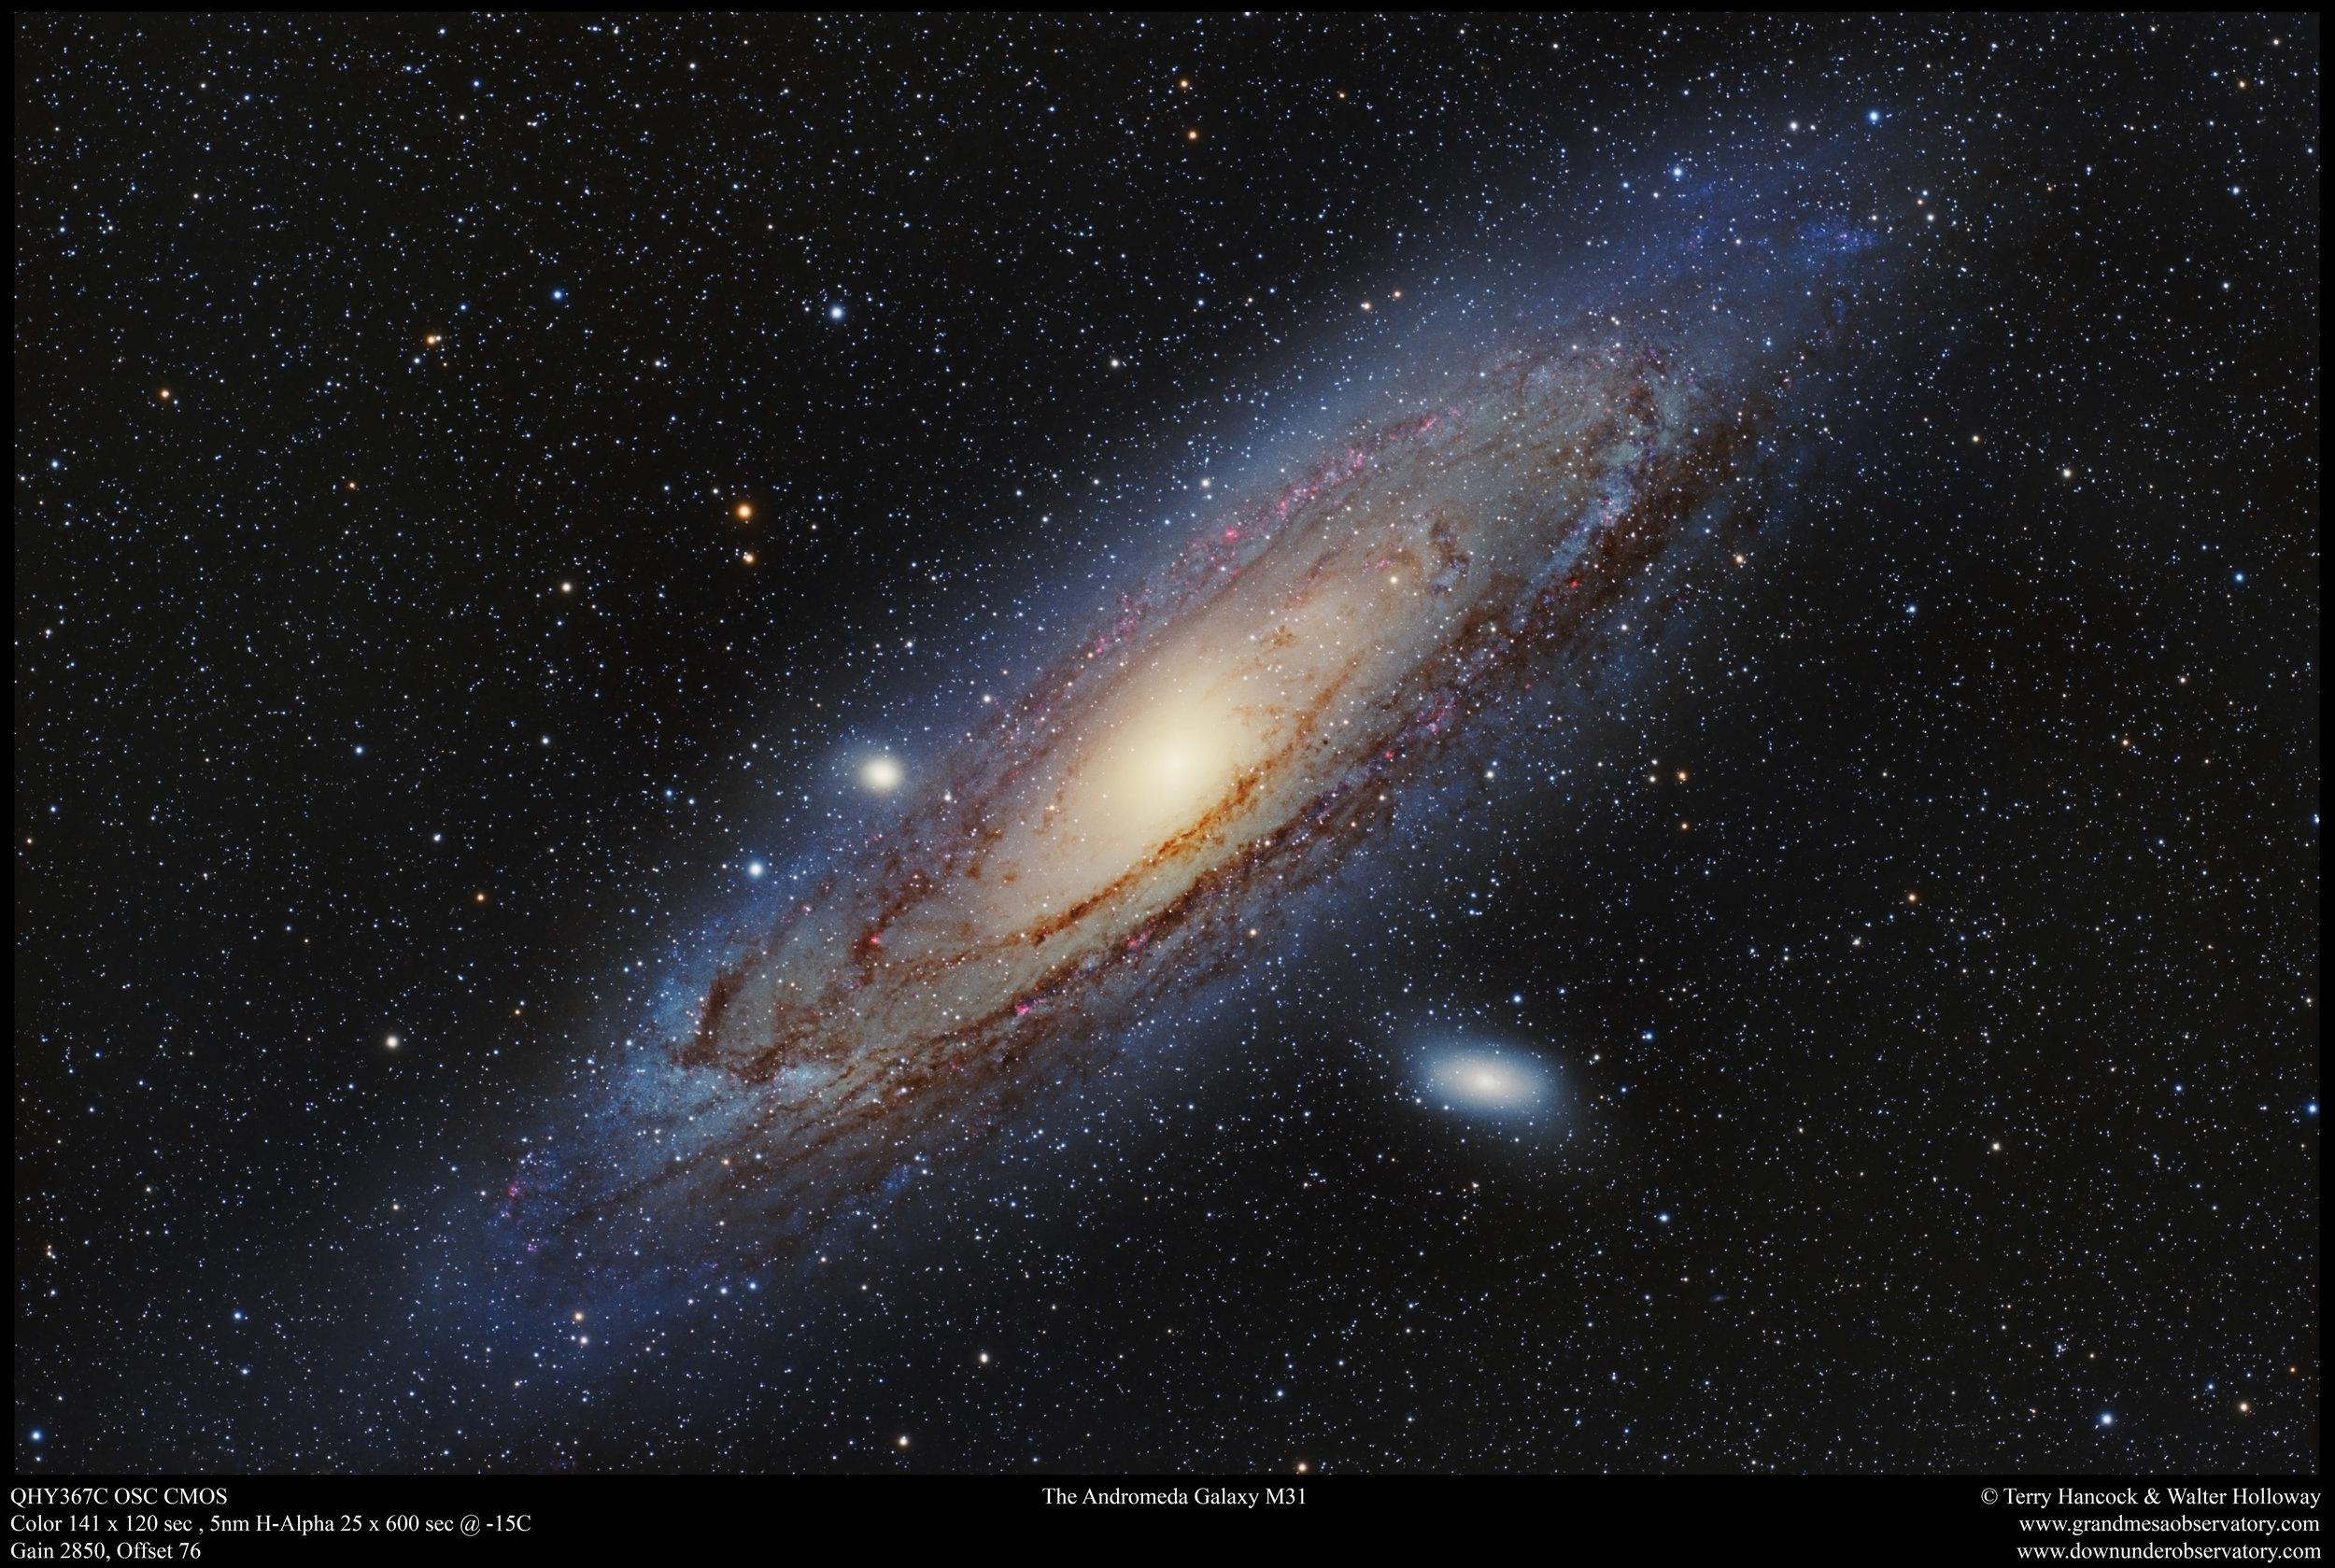 M31_AUG27_SEP16_Oct4_7_QHY367C_TAK130_141x120_25x600Ha_TerryHancock.jpg